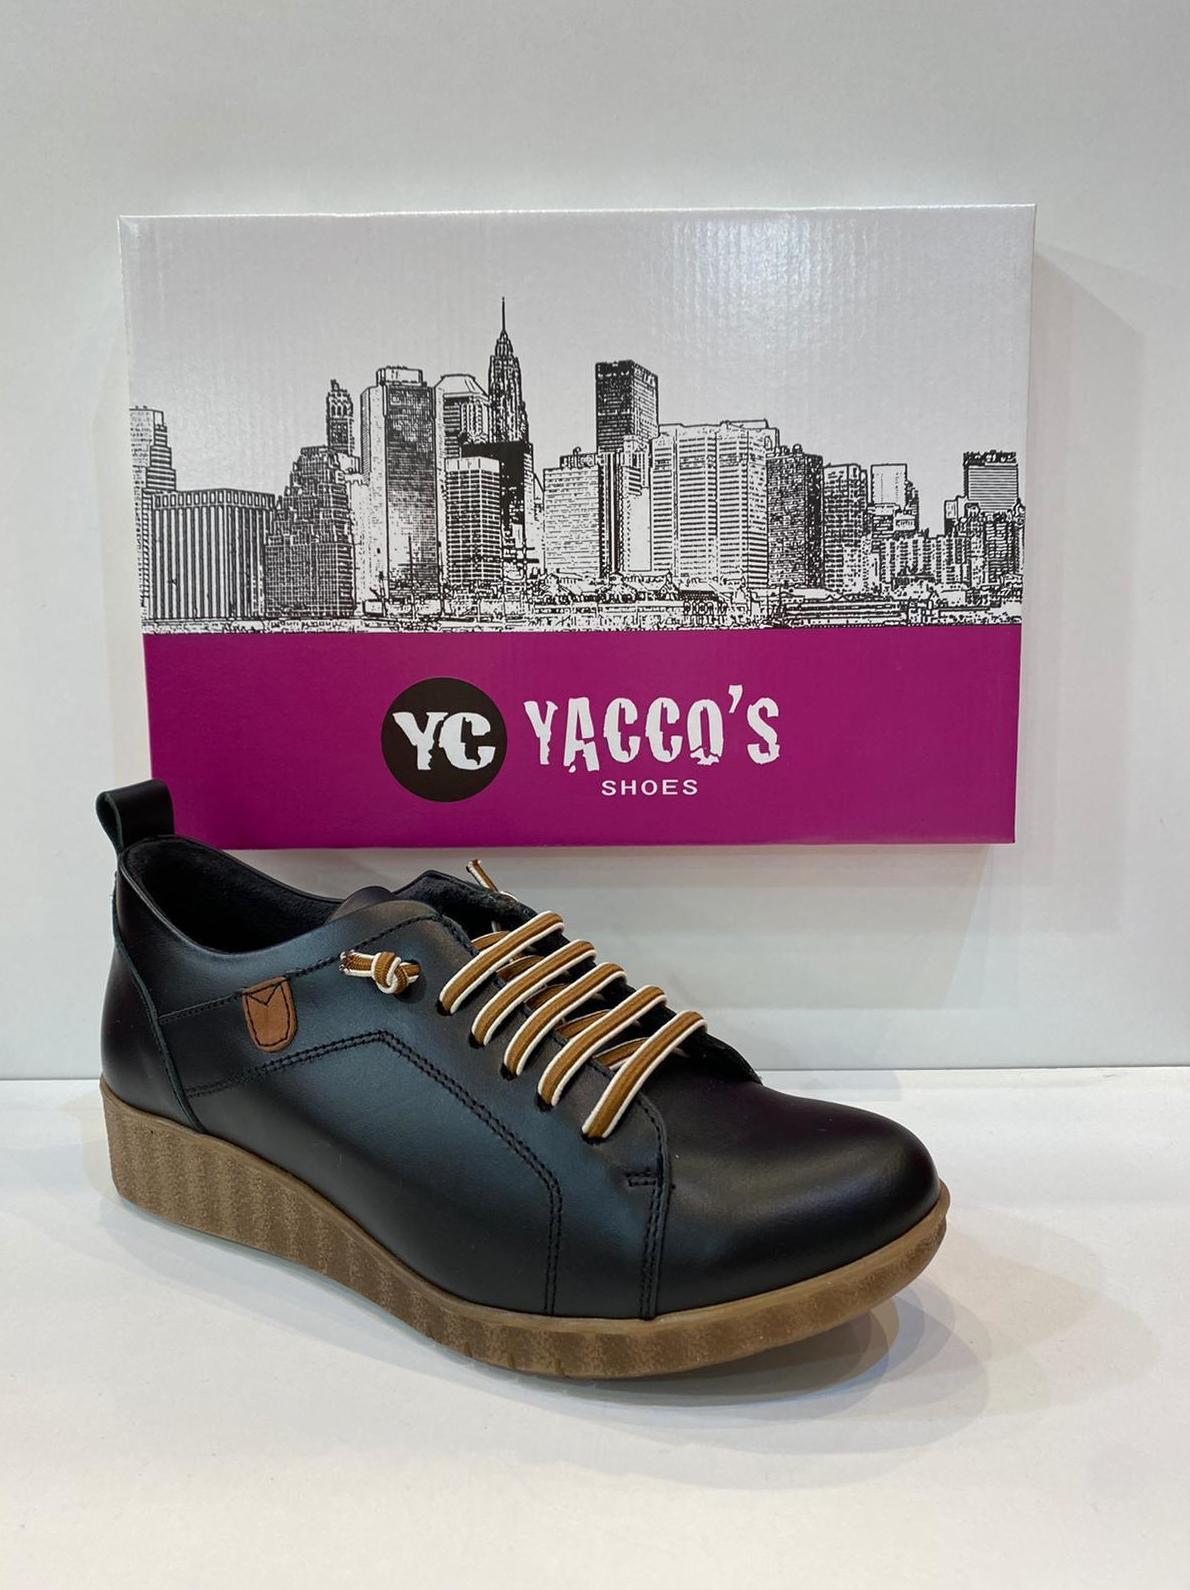 Blucher de dona, de la marca Yacco's, ,ample especial, plantilla de làtex anatòmica, adaptable a plantilles ortopèdiques, amb sola de crepe 60€